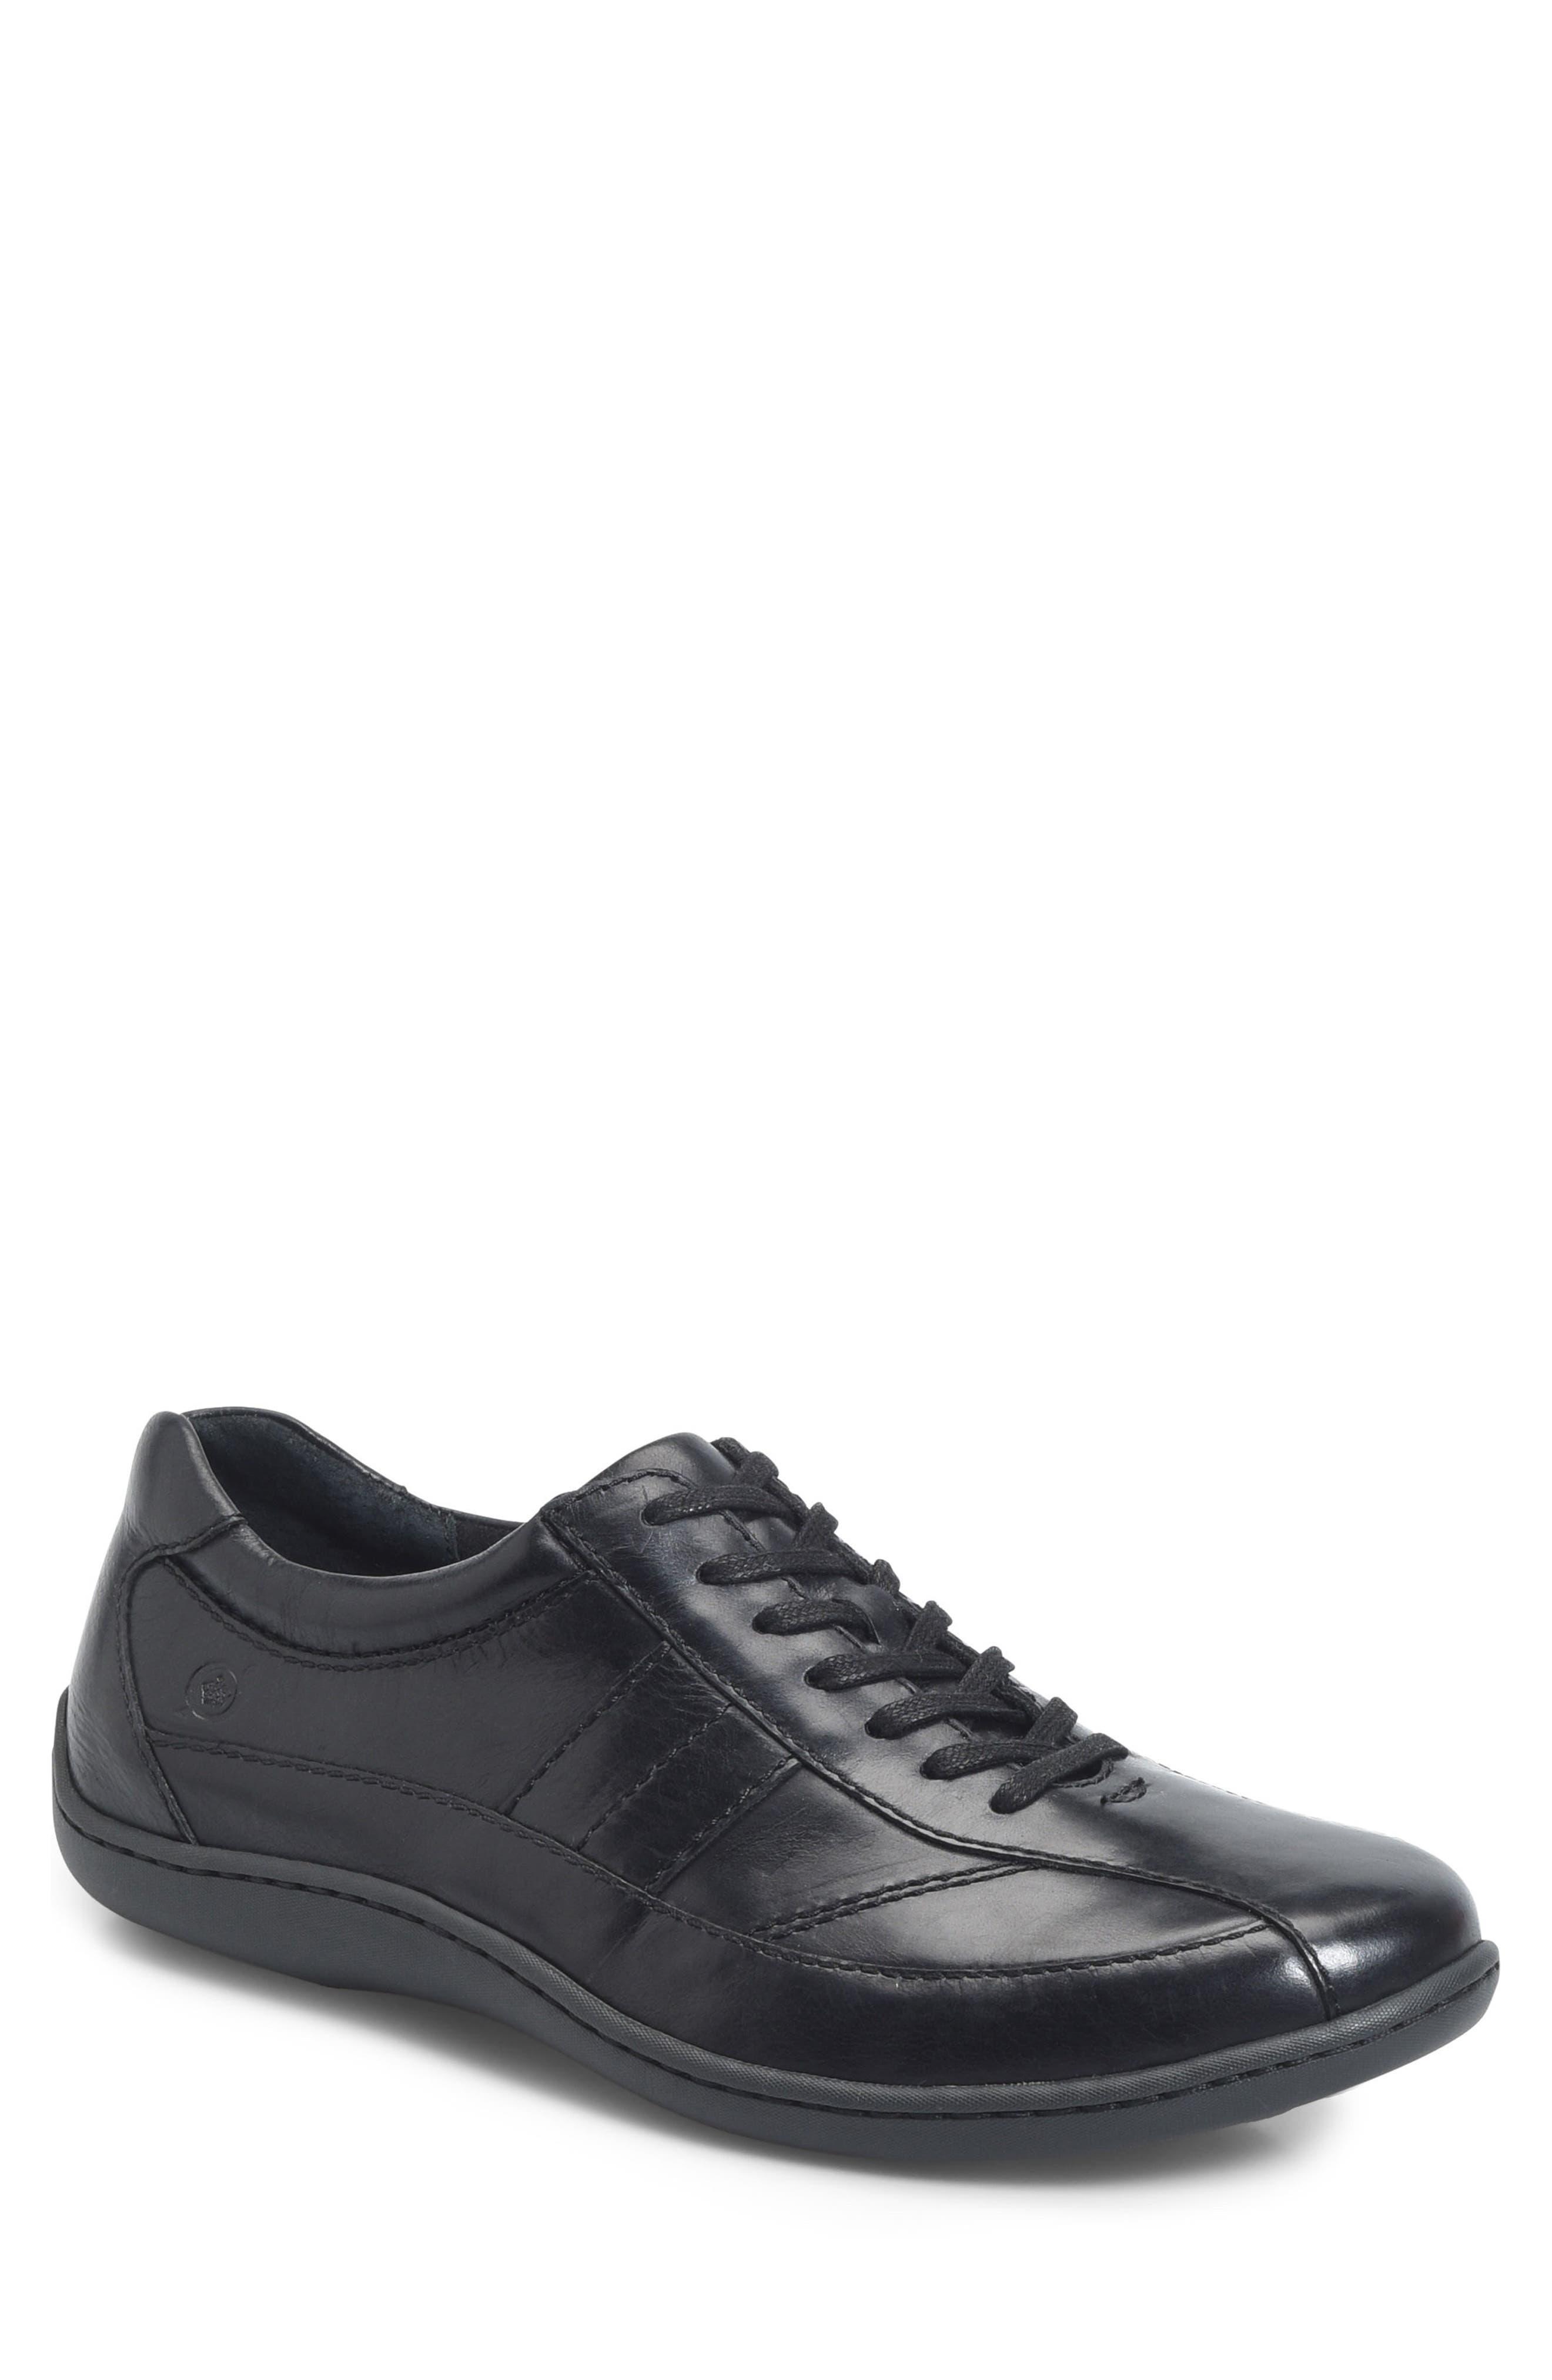 Breves Low Top Sneaker,                             Main thumbnail 1, color,                             Black